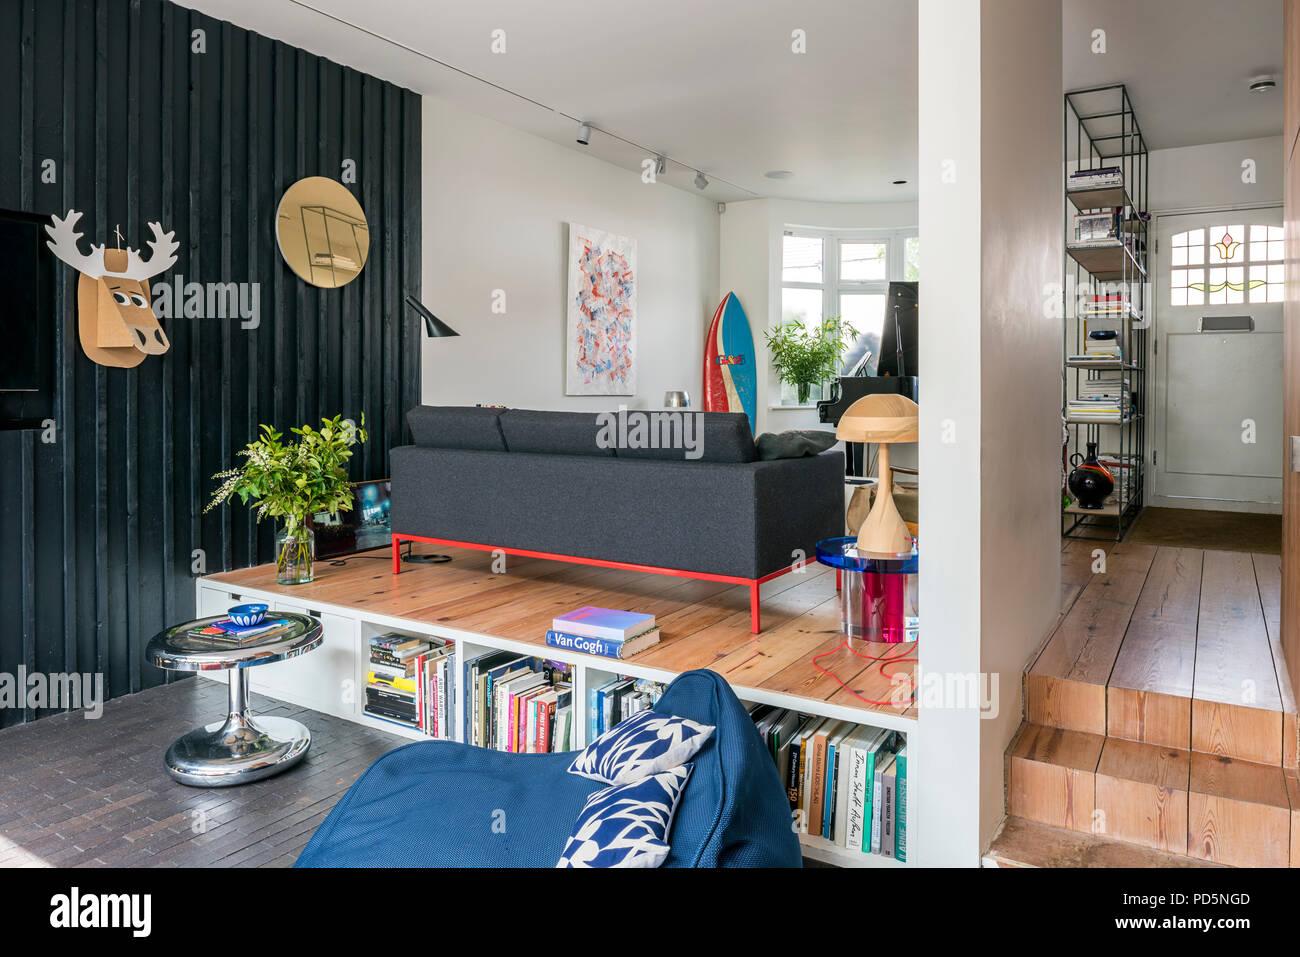 Pareti Rivestite Di Legno : Aprire il piano casa di famiglia con legname di pareti rivestite